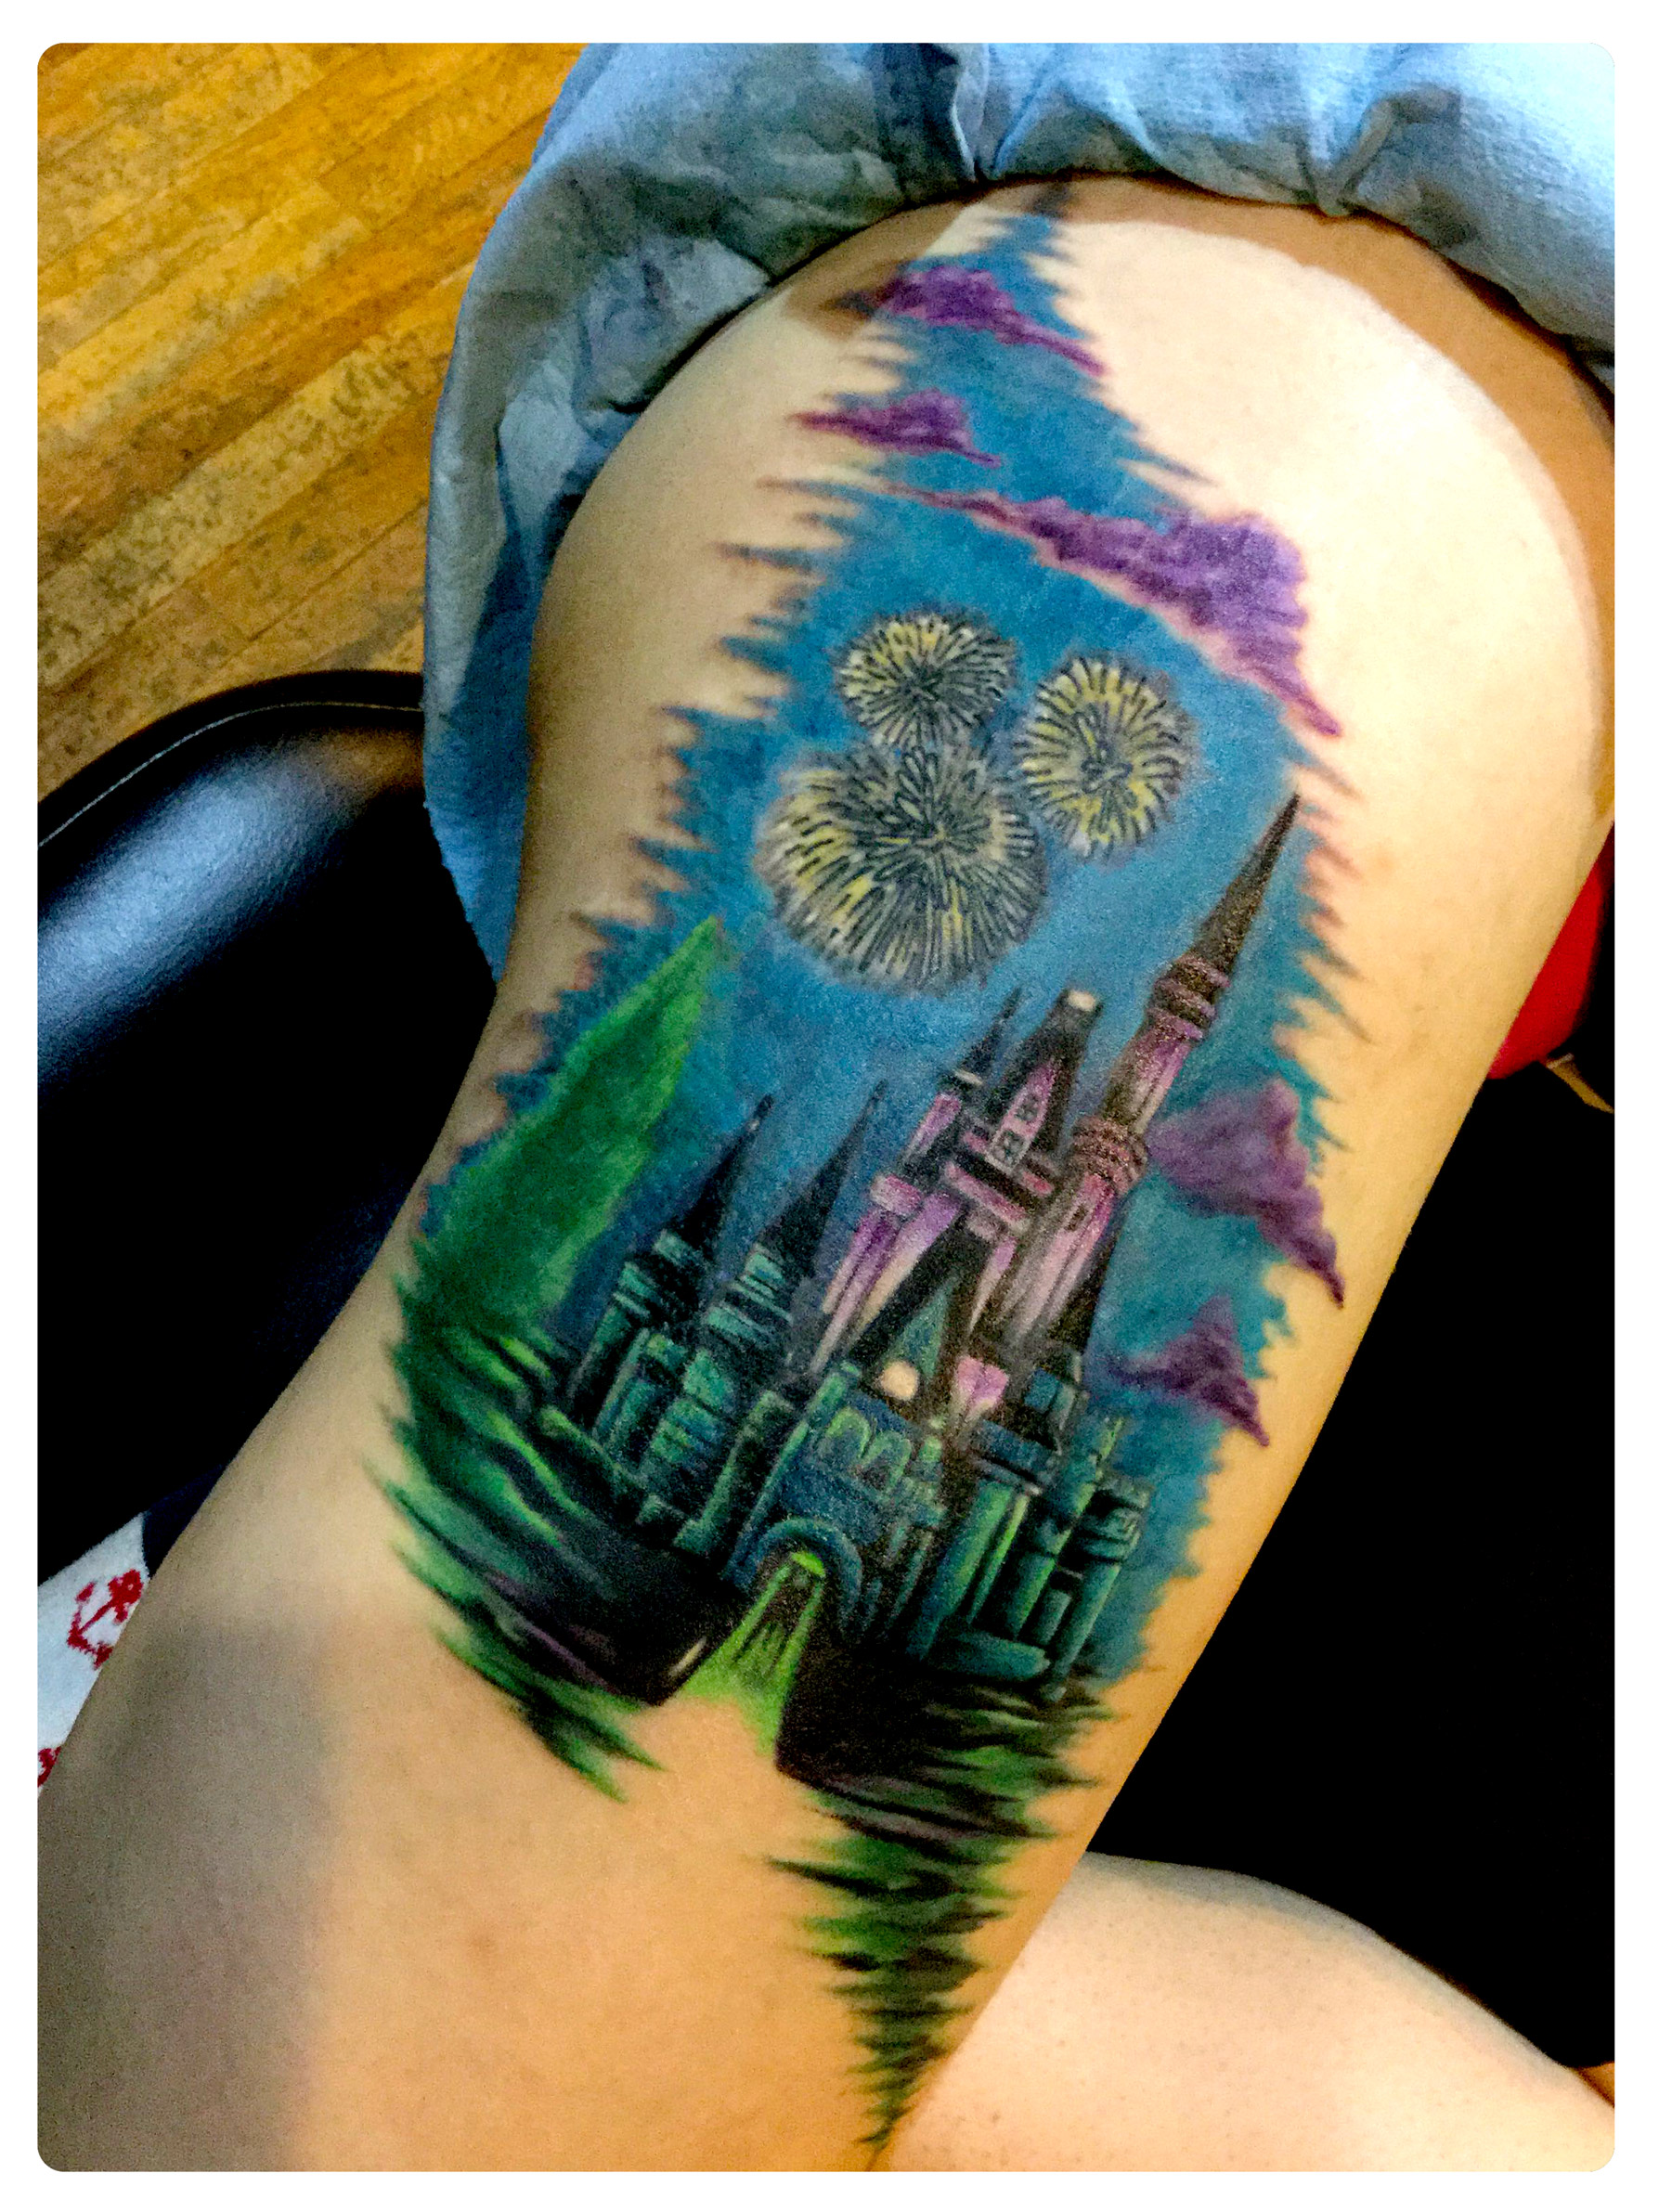 Tattoo Addition & Refresh by Shane Acuff